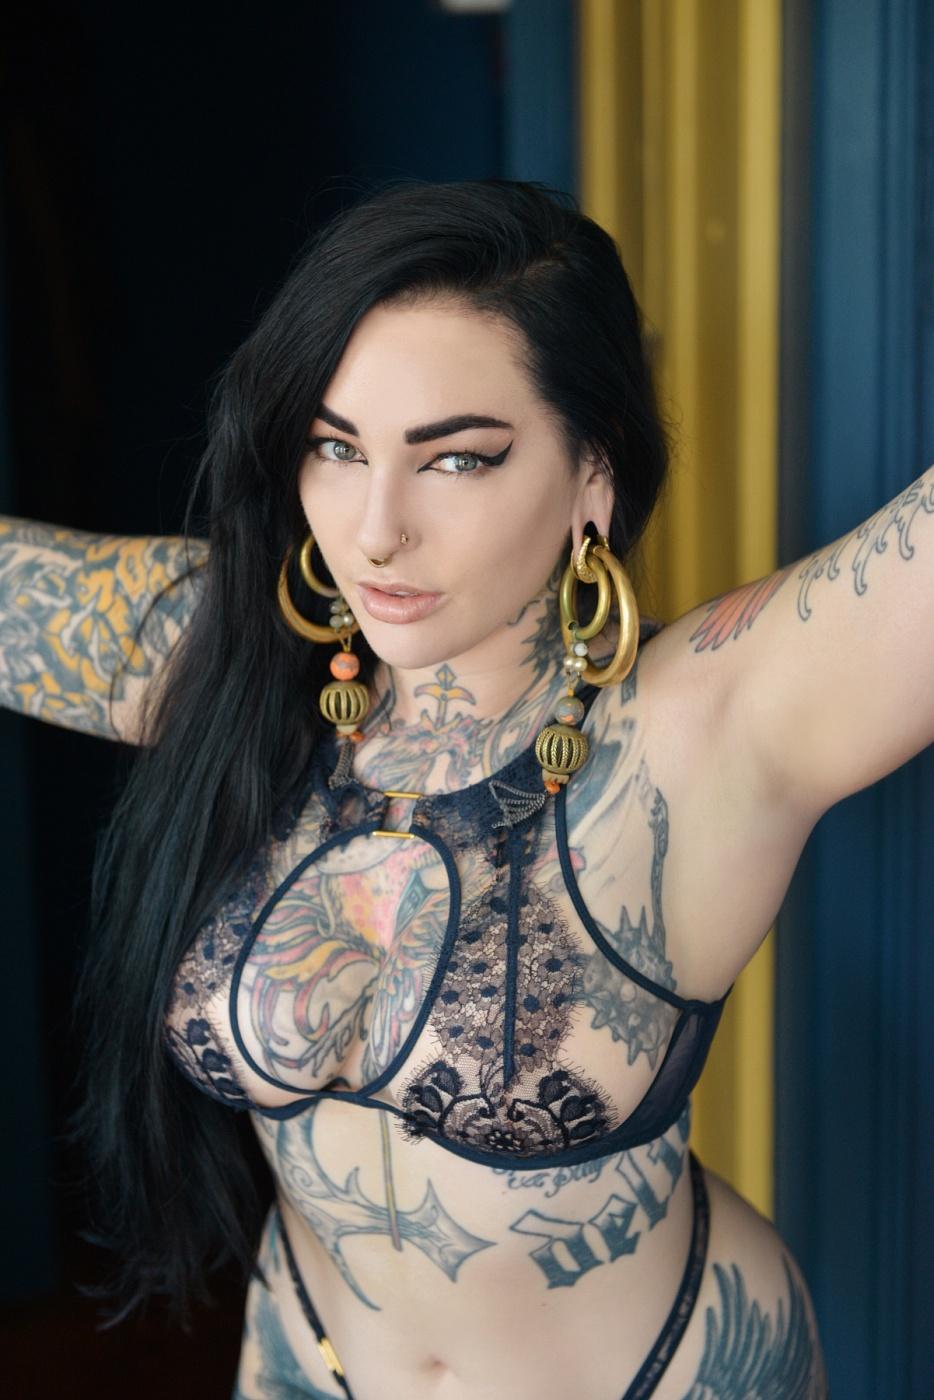 Adahlia Cole